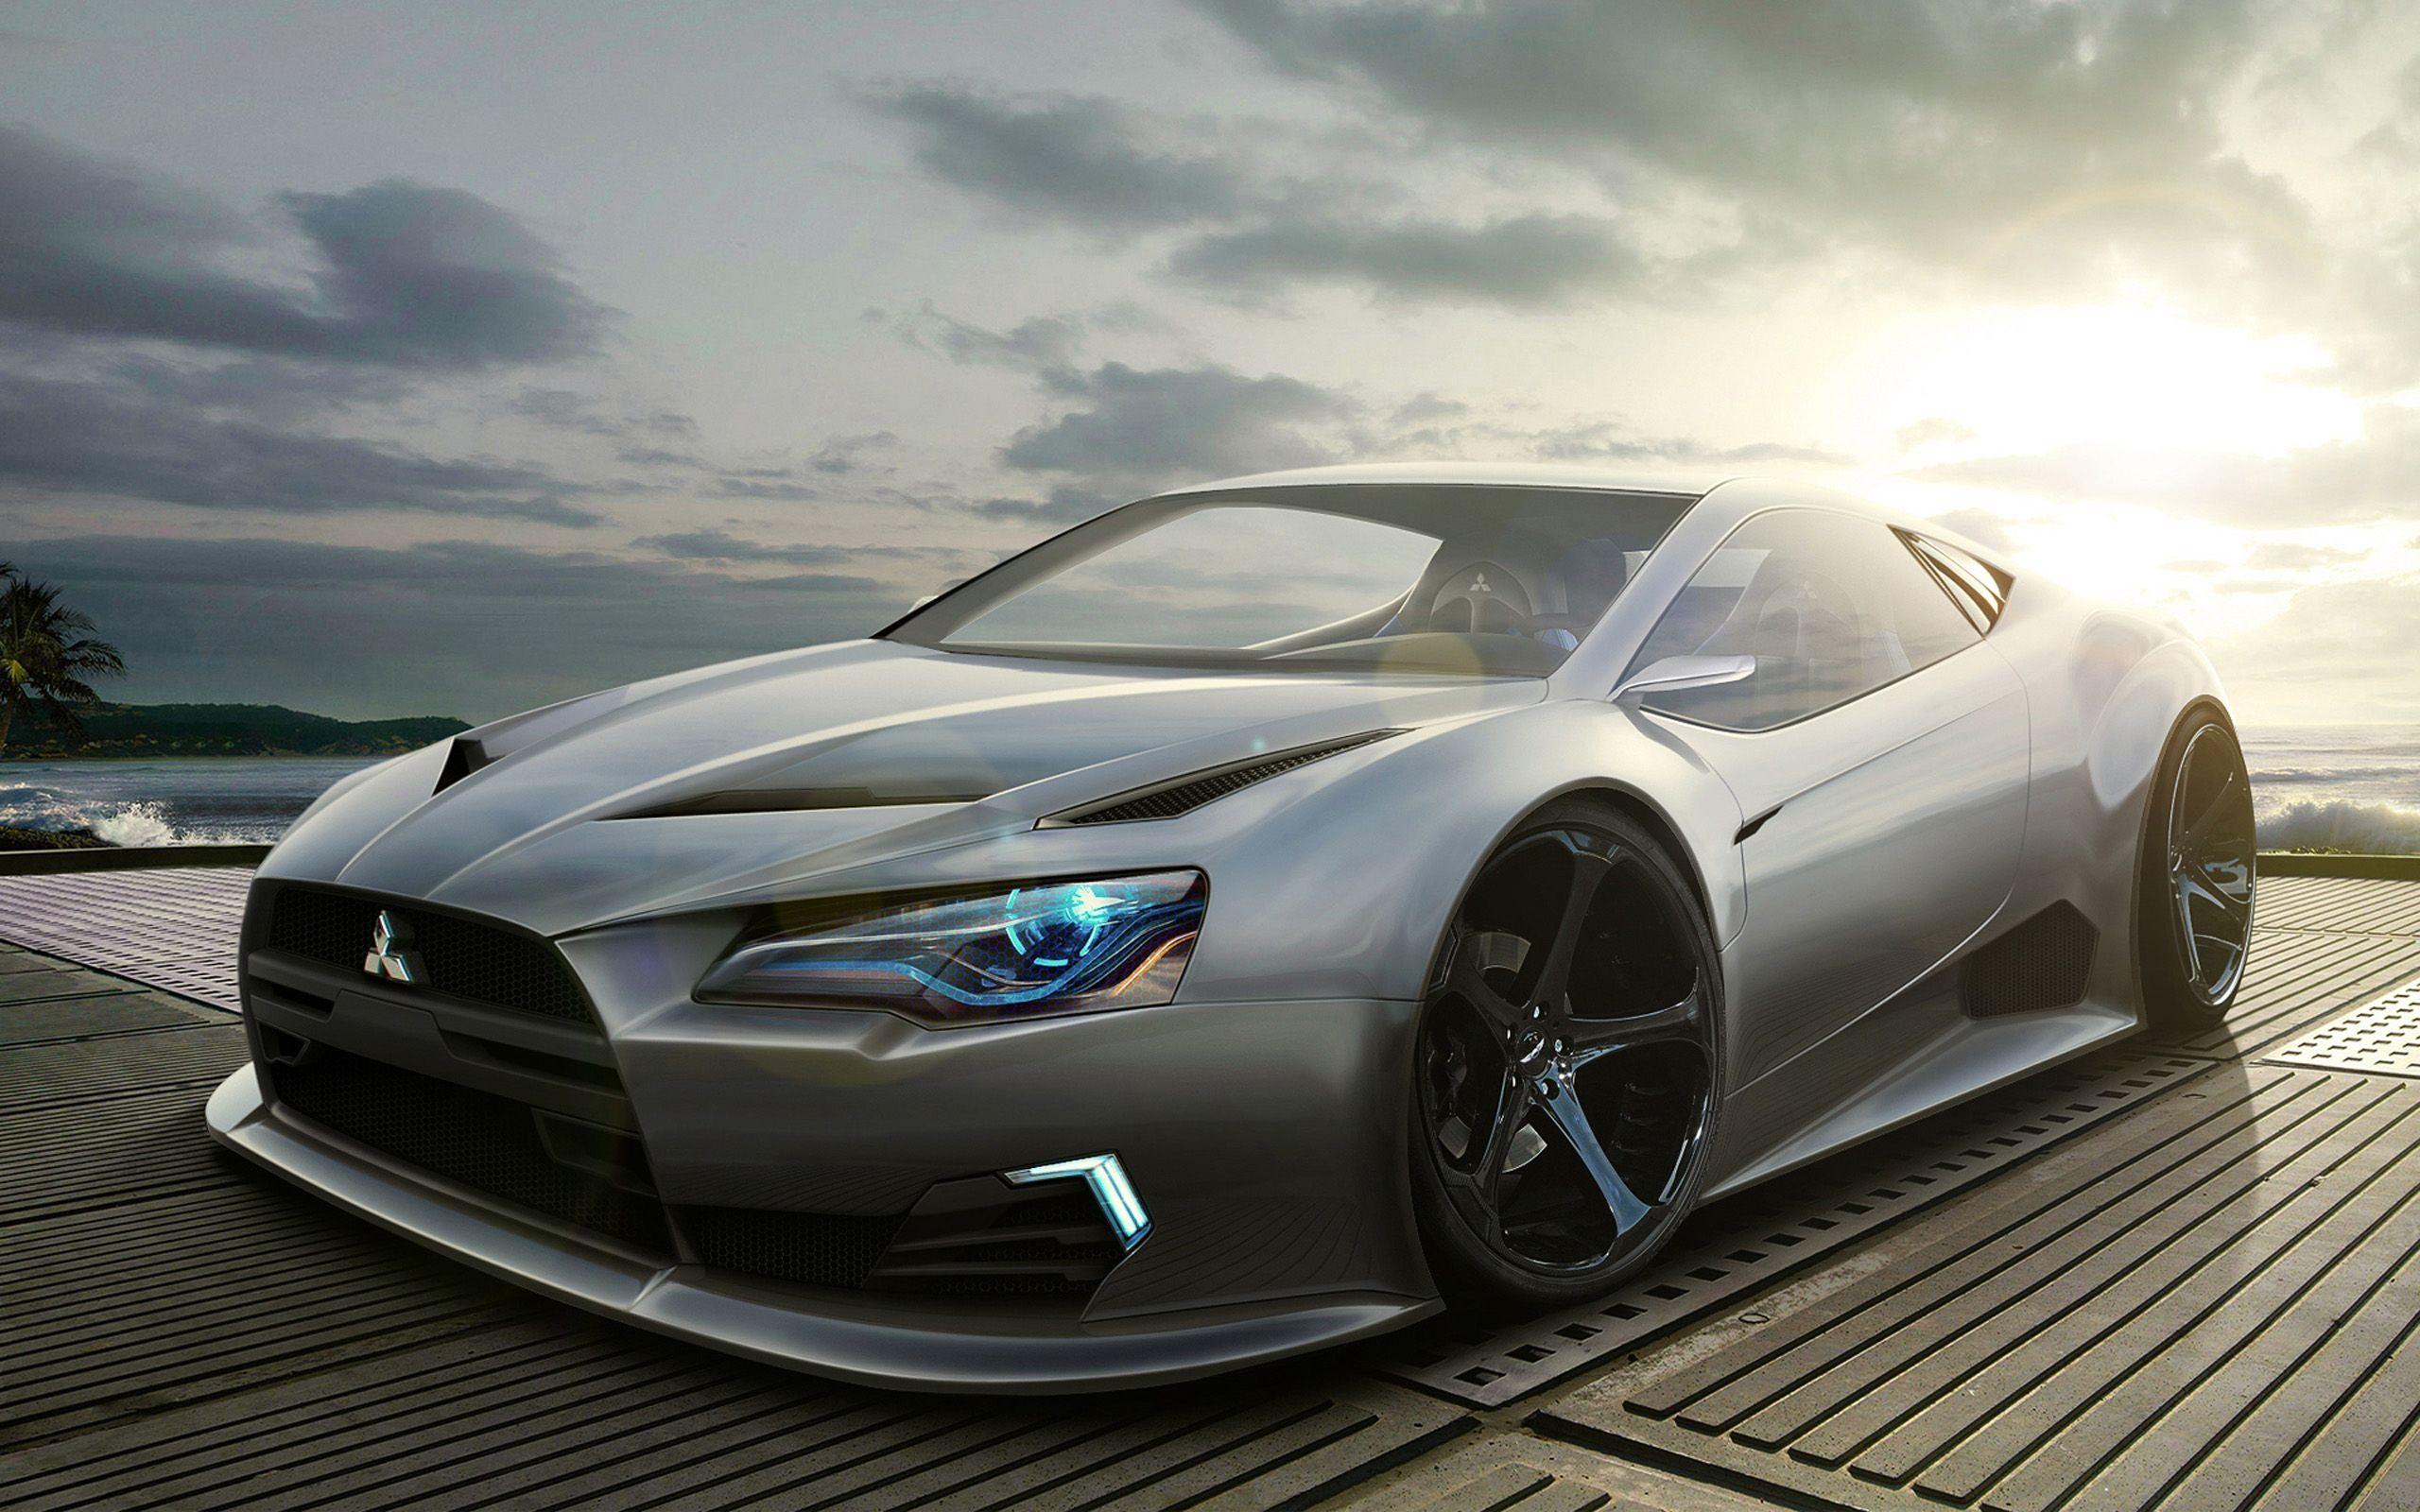 MitsubishiConceptCars Mitsubishi cars, Concept cars